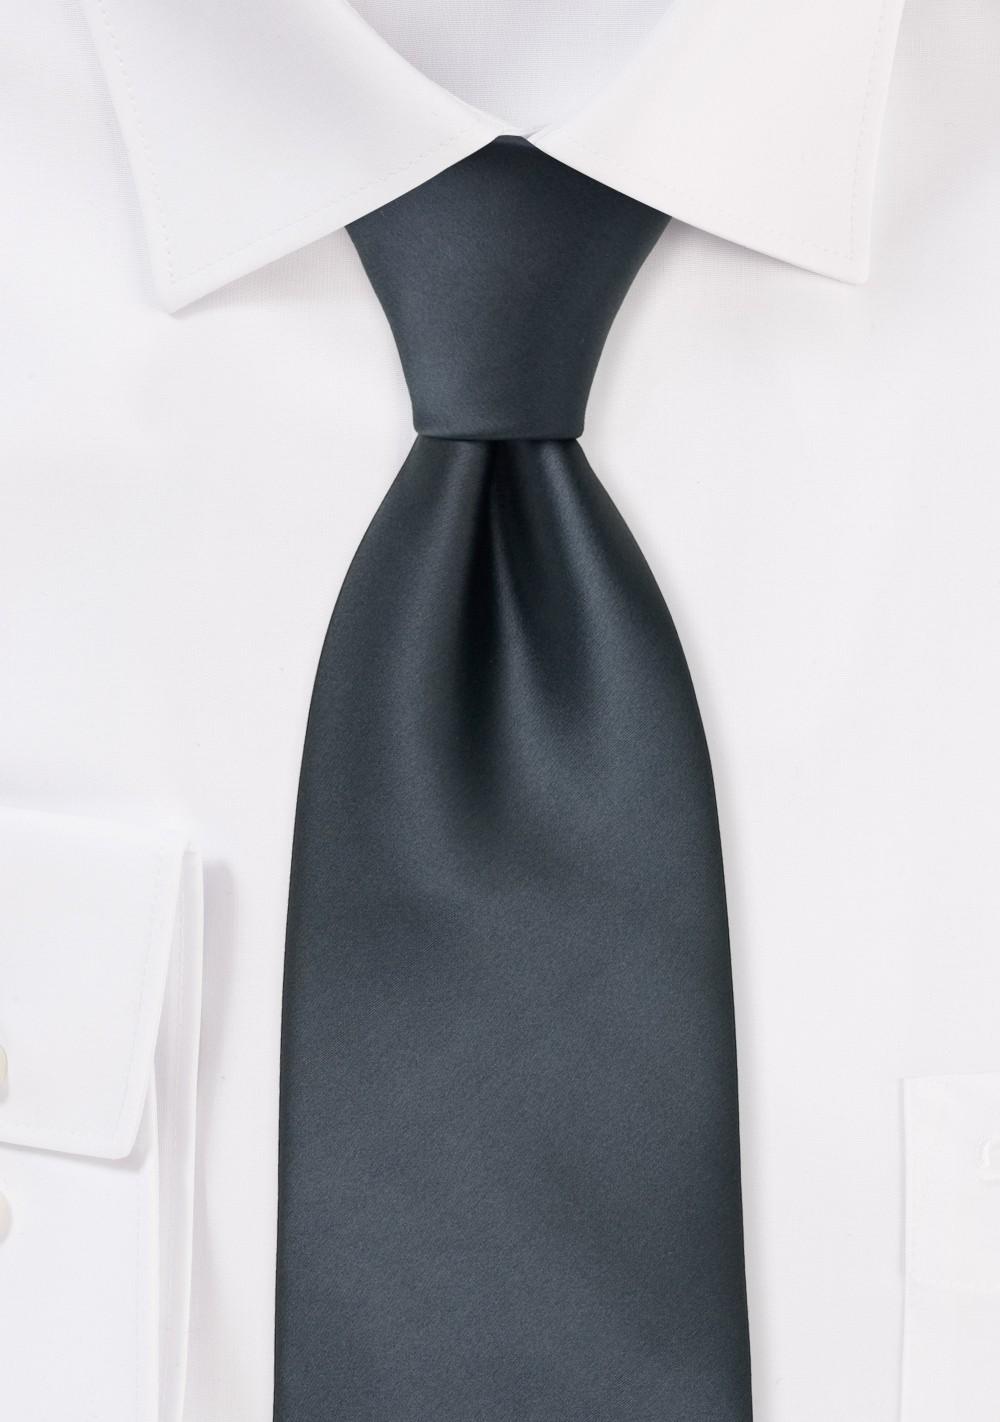 Solid color neckties - Smoke gray tie